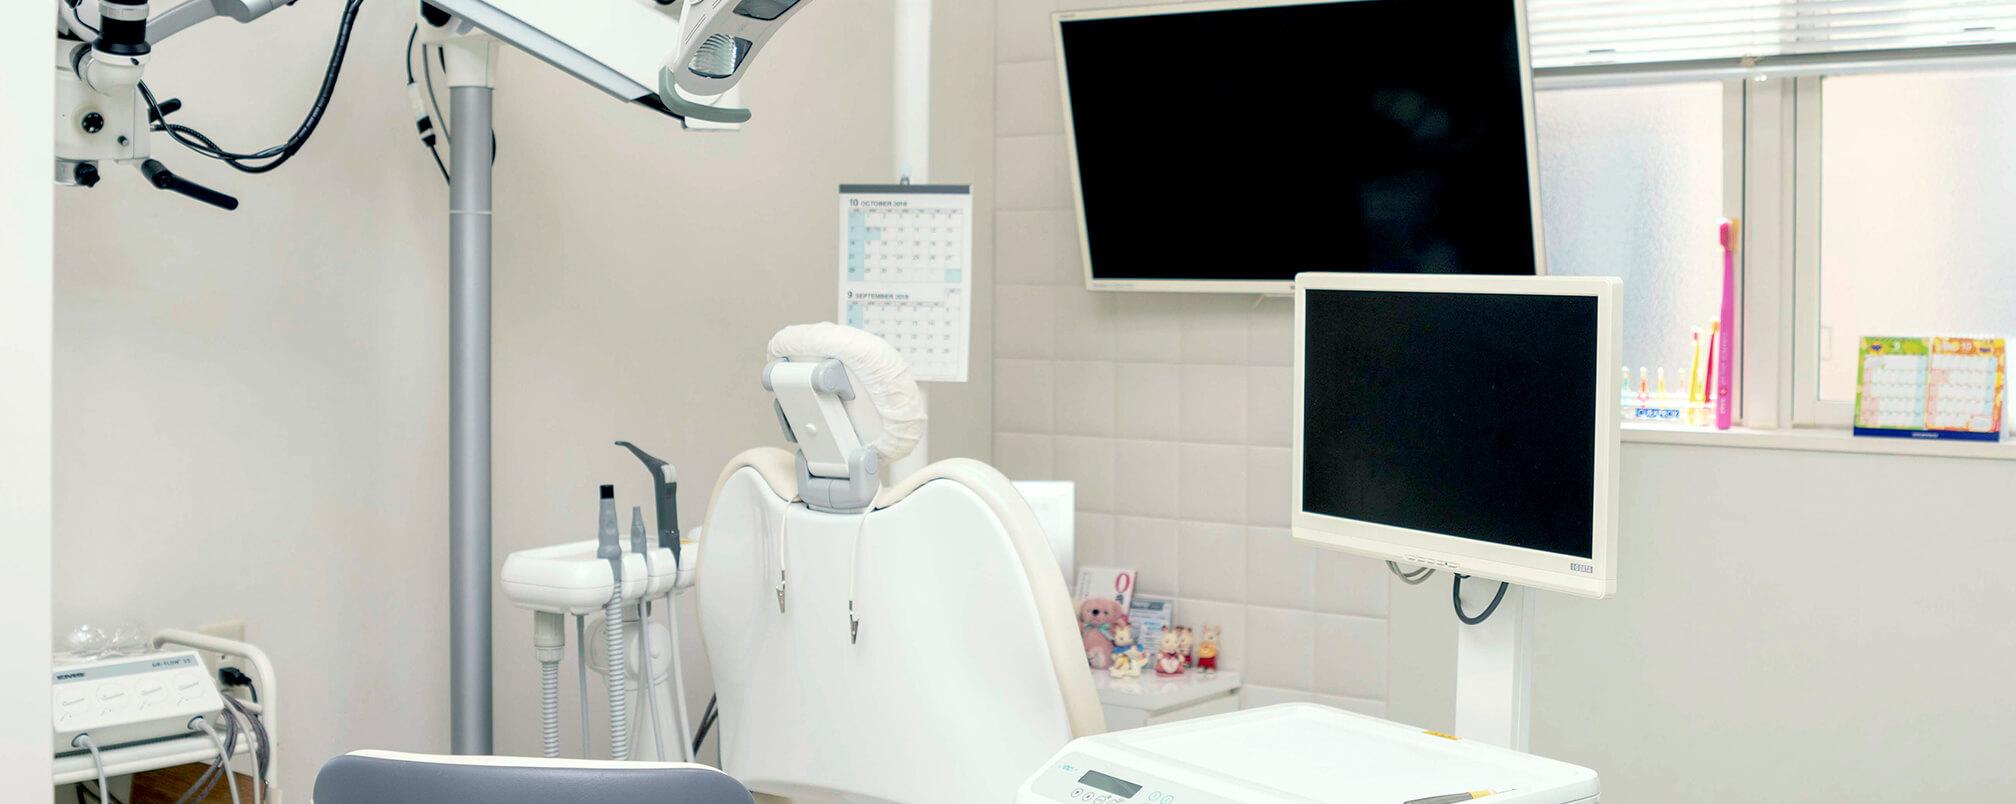 あるが歯科クリニックphoto